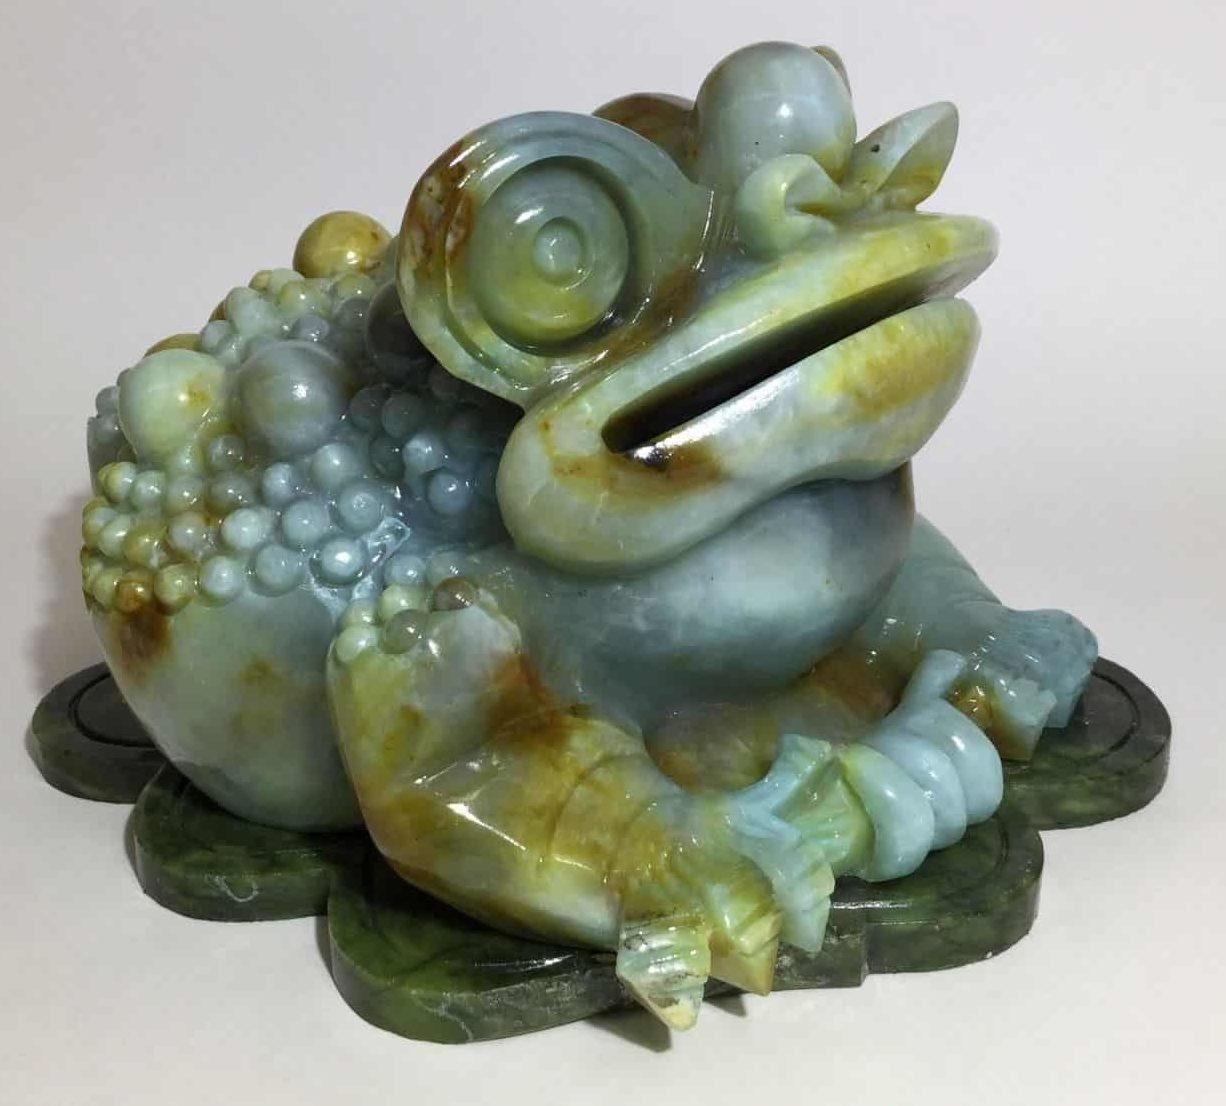 Нефритовая лягушка в качестве оберега и украшения